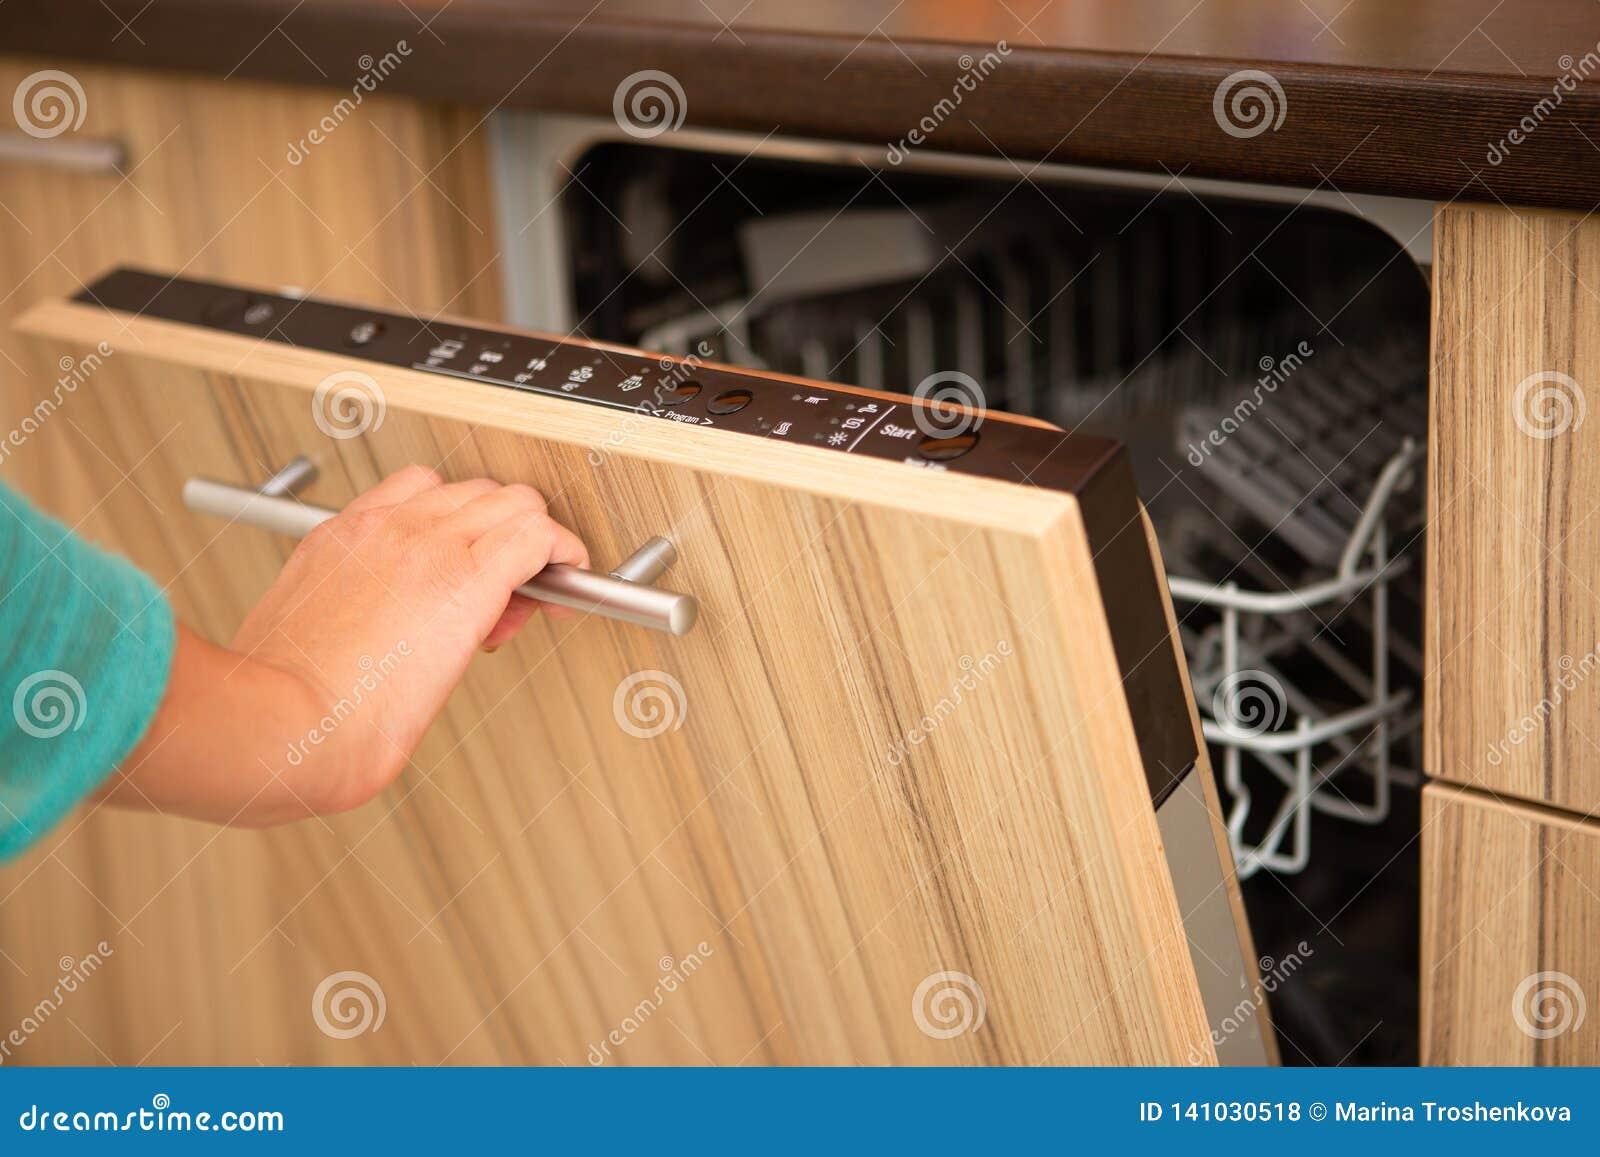 Wizerunek ręka mężczyzny otwarcia zmywarki do naczyń